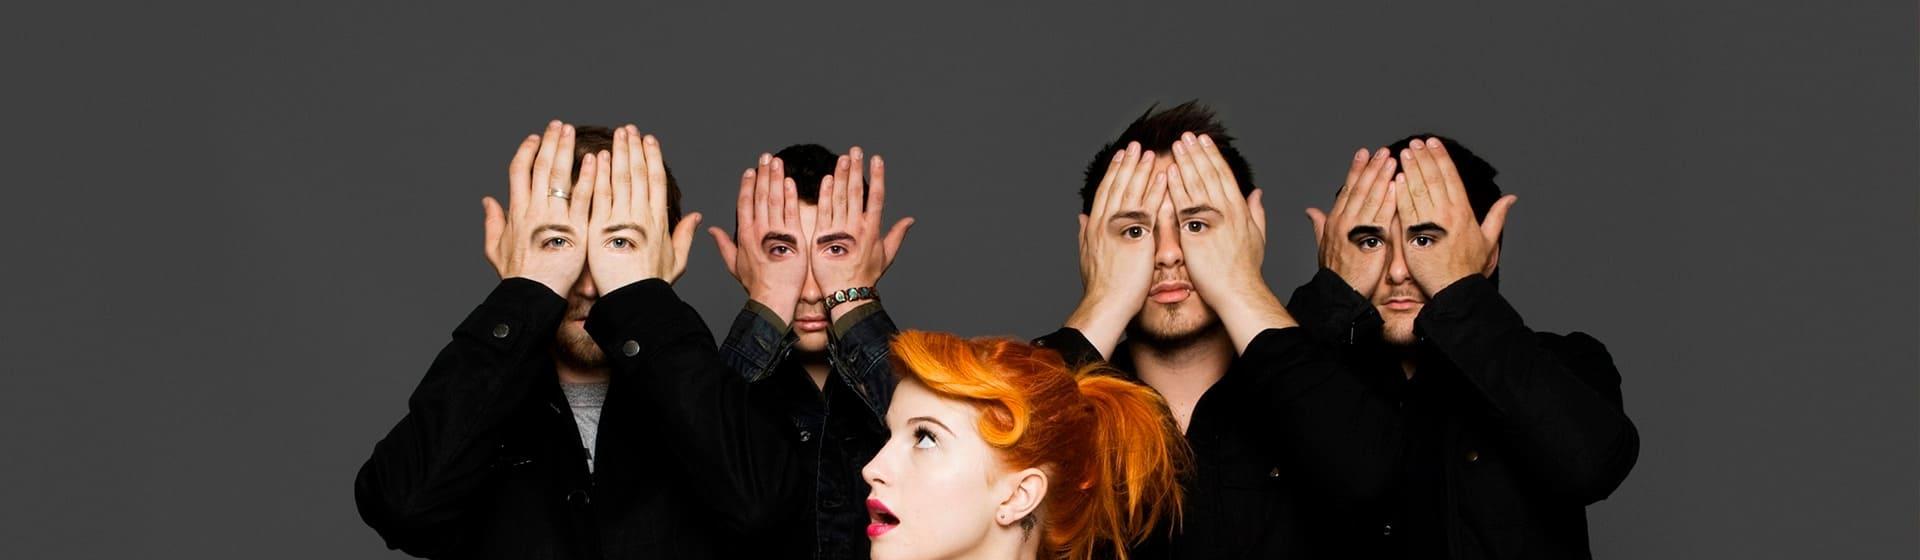 Paramore - Мерч и одежда с атрибутикой